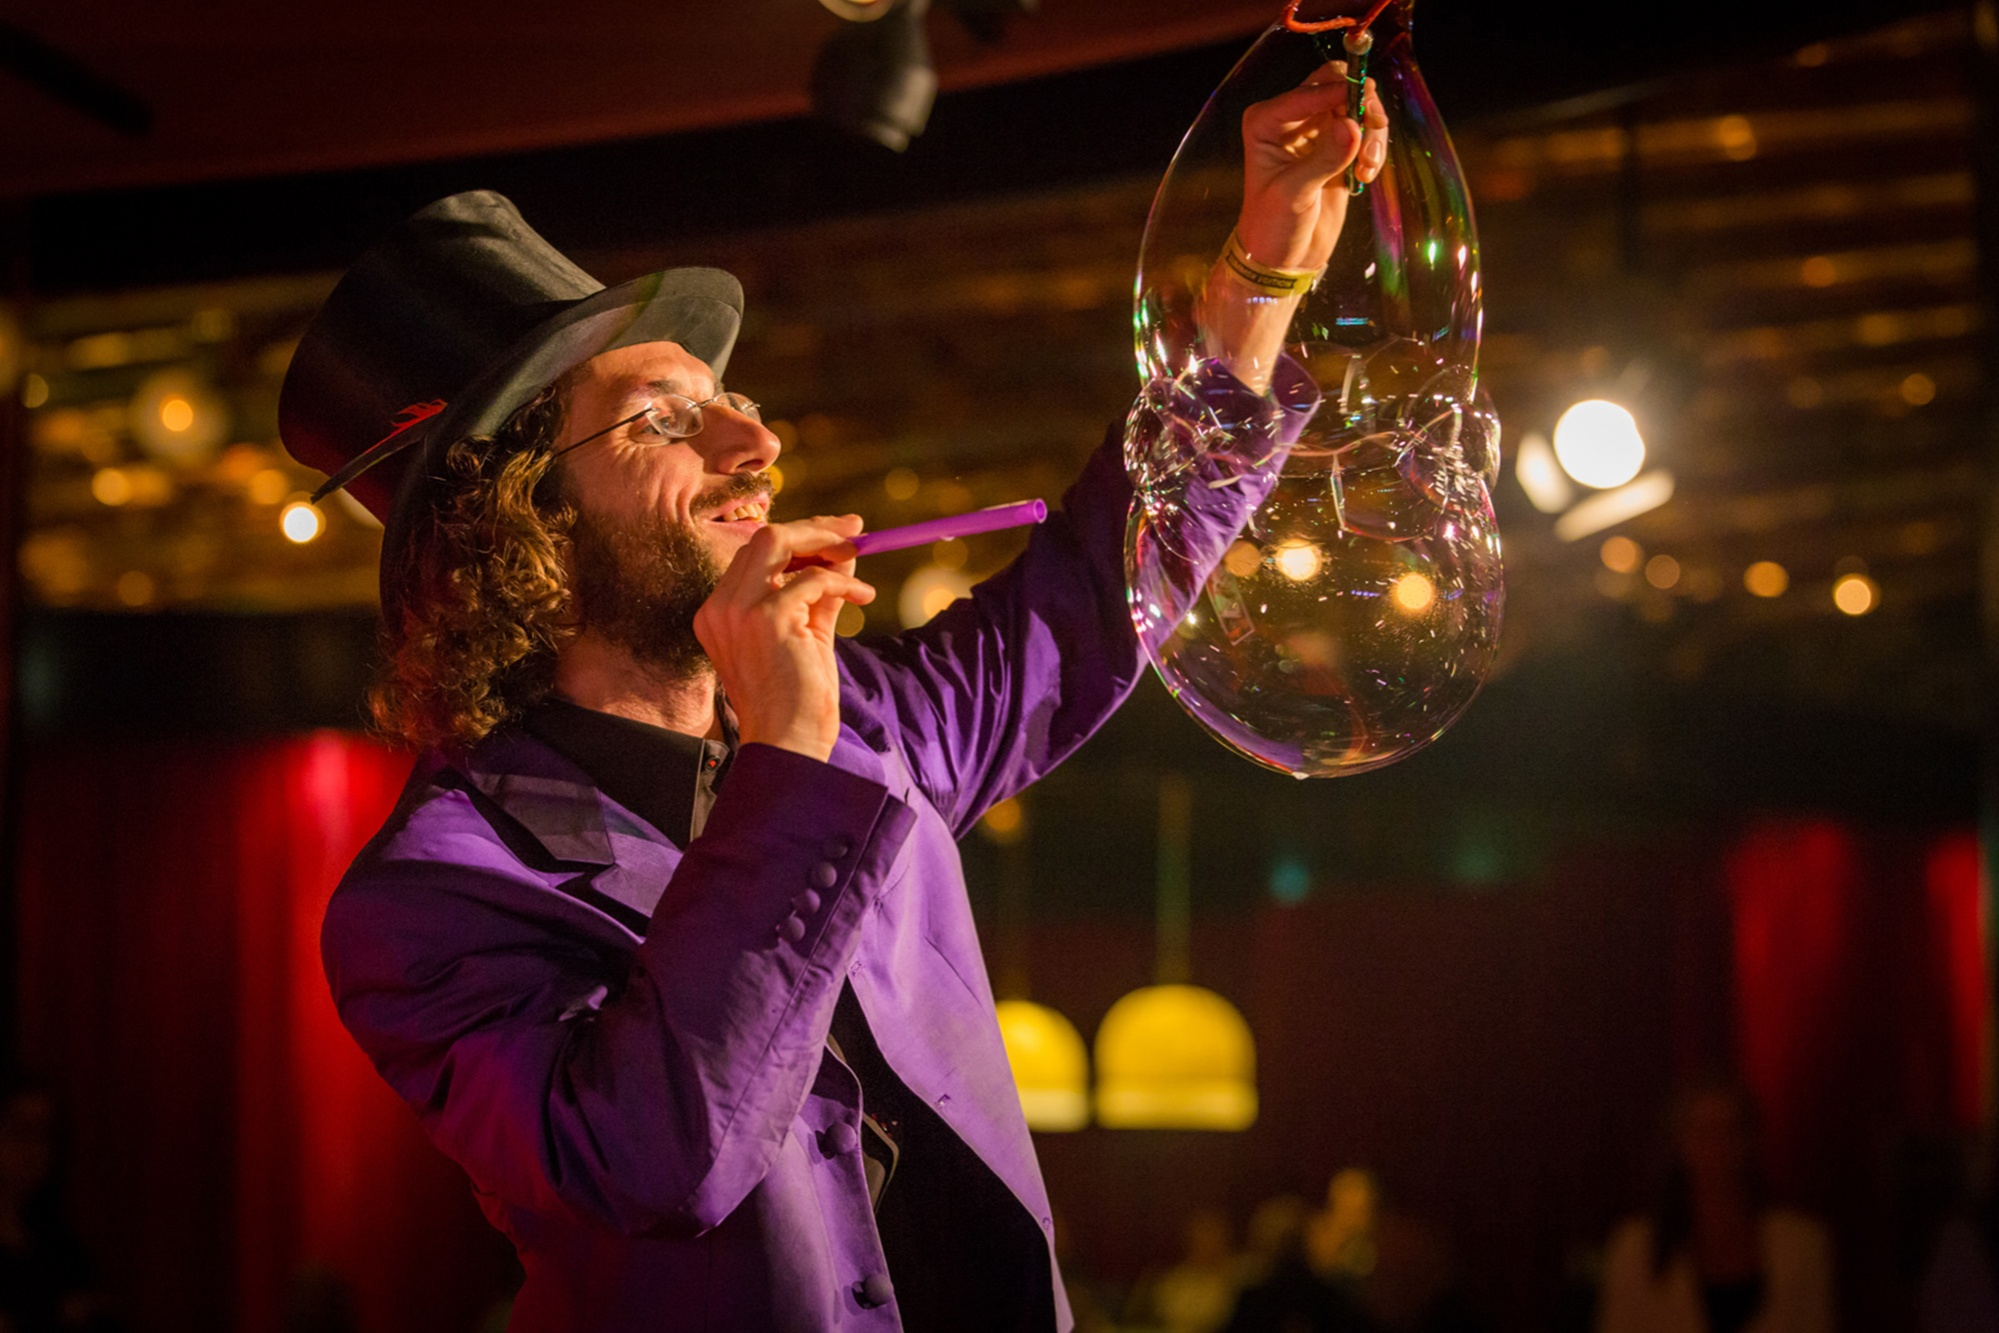 Riesenseifenblasen Show als Höhepunkt für jede Gala oder Veranstaltung